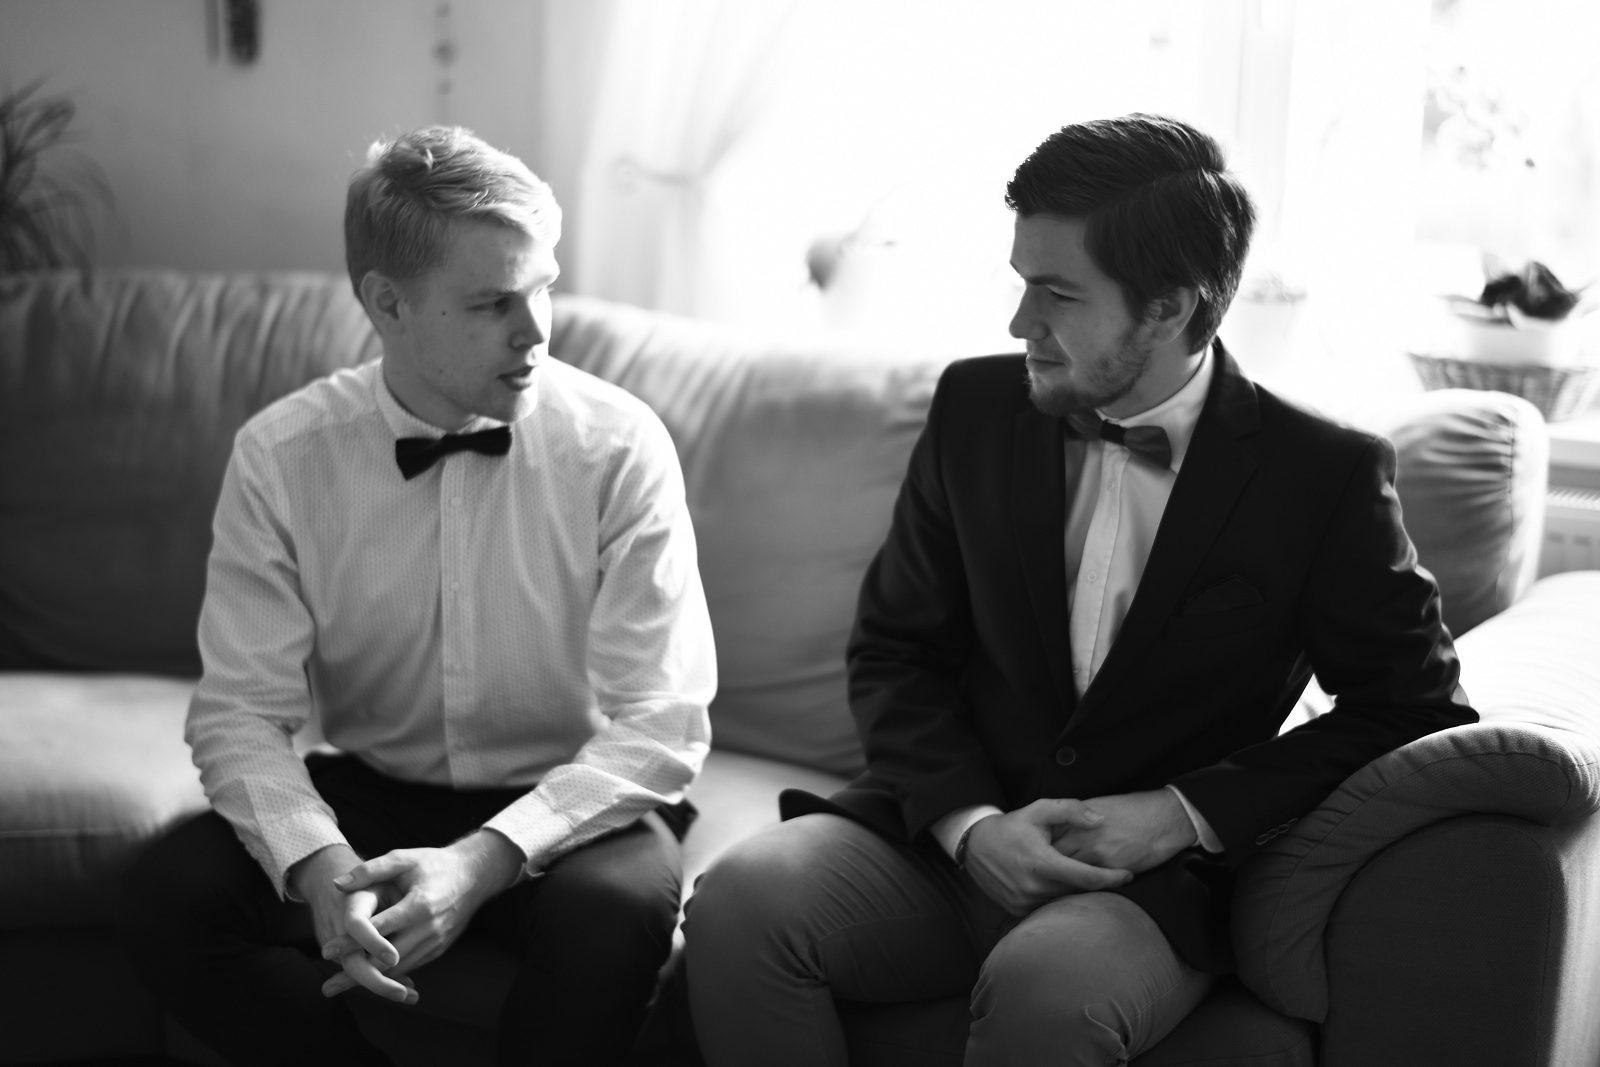 Svatební fotografie – vždy buďte maximálně nenápadní